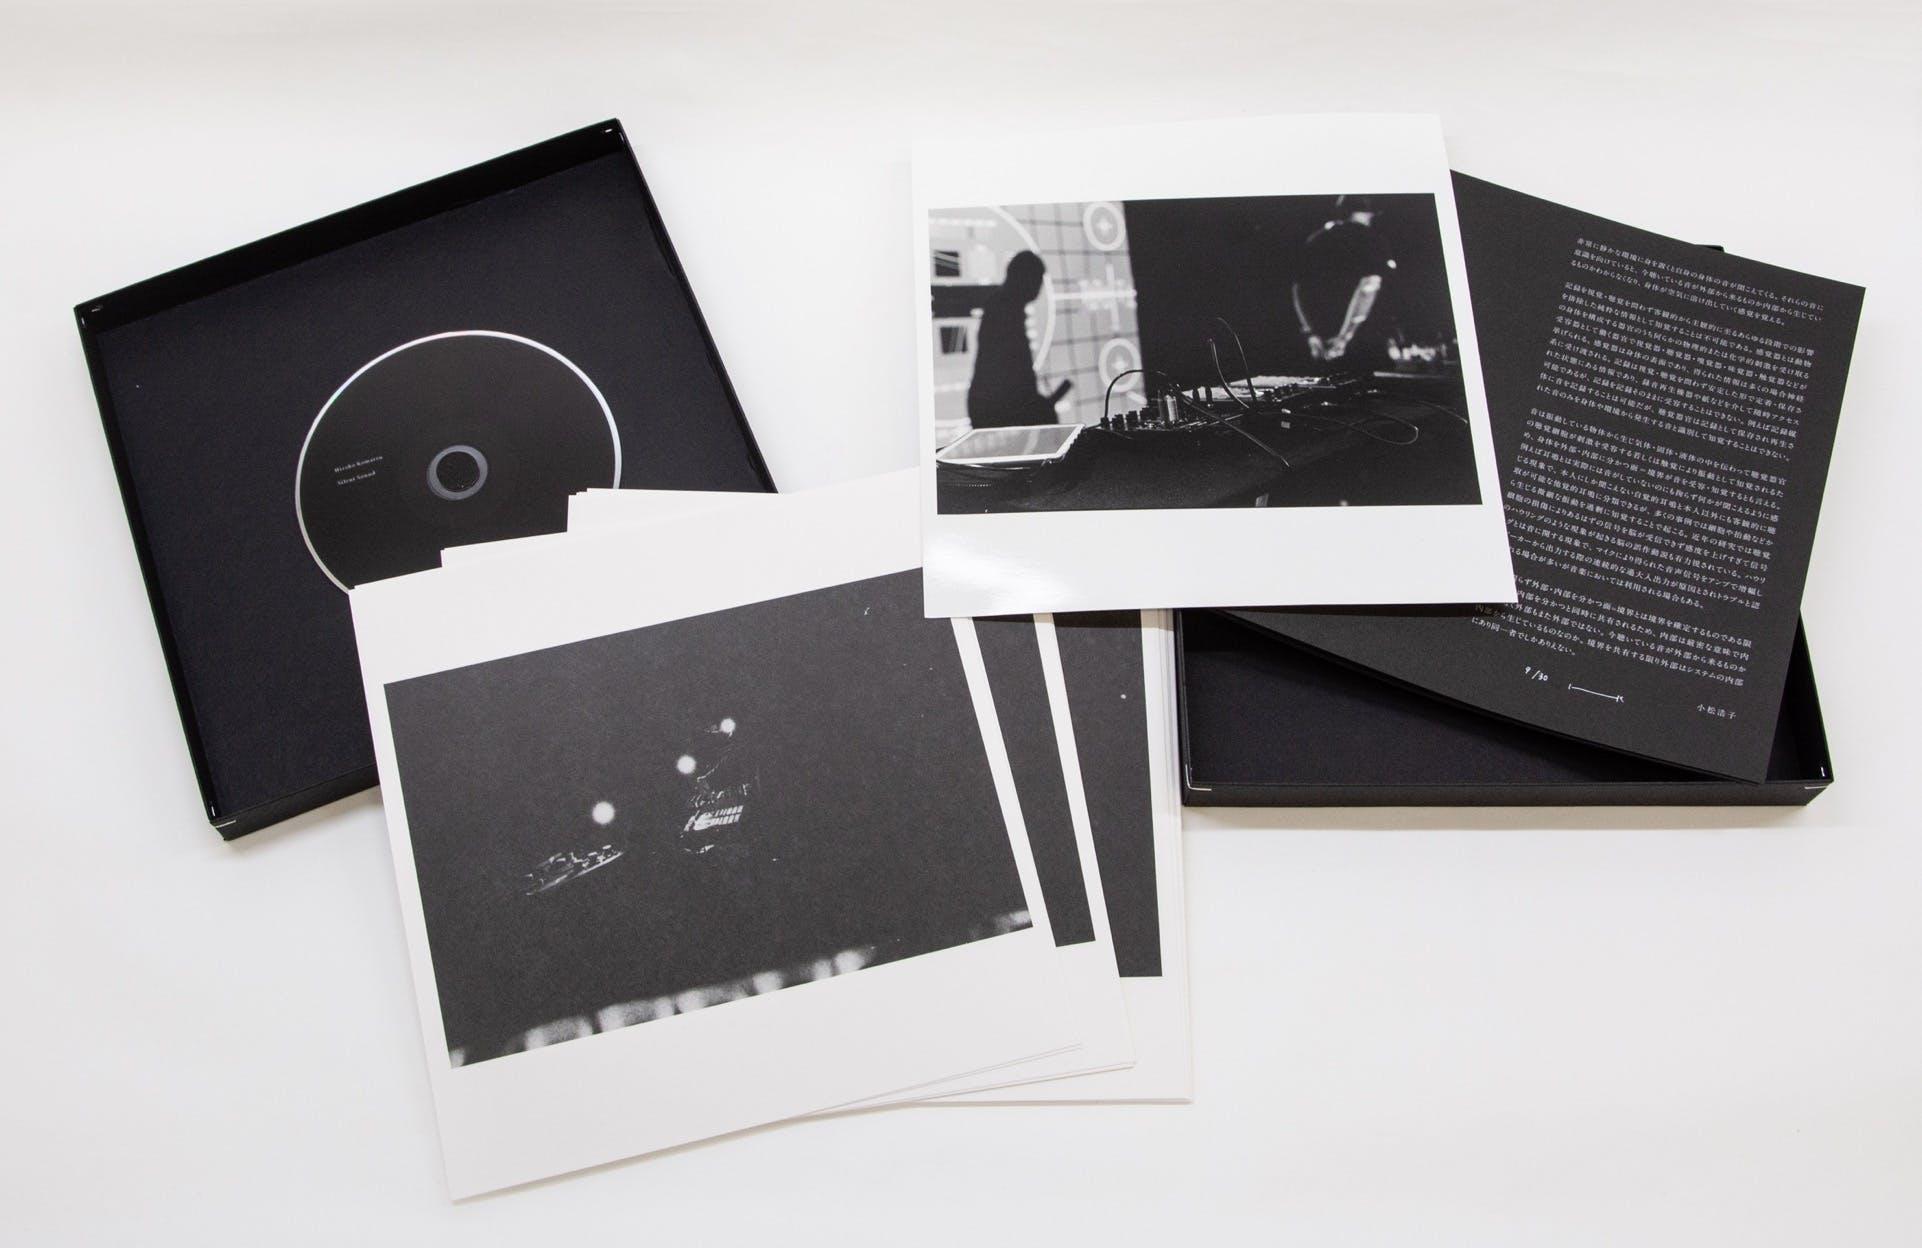 箱の内容は左から順にDVD、オフセット印刷写真15枚、ゼラチン・シルバー・プリント1点(サイン入り)、ブックレット(見本画像)